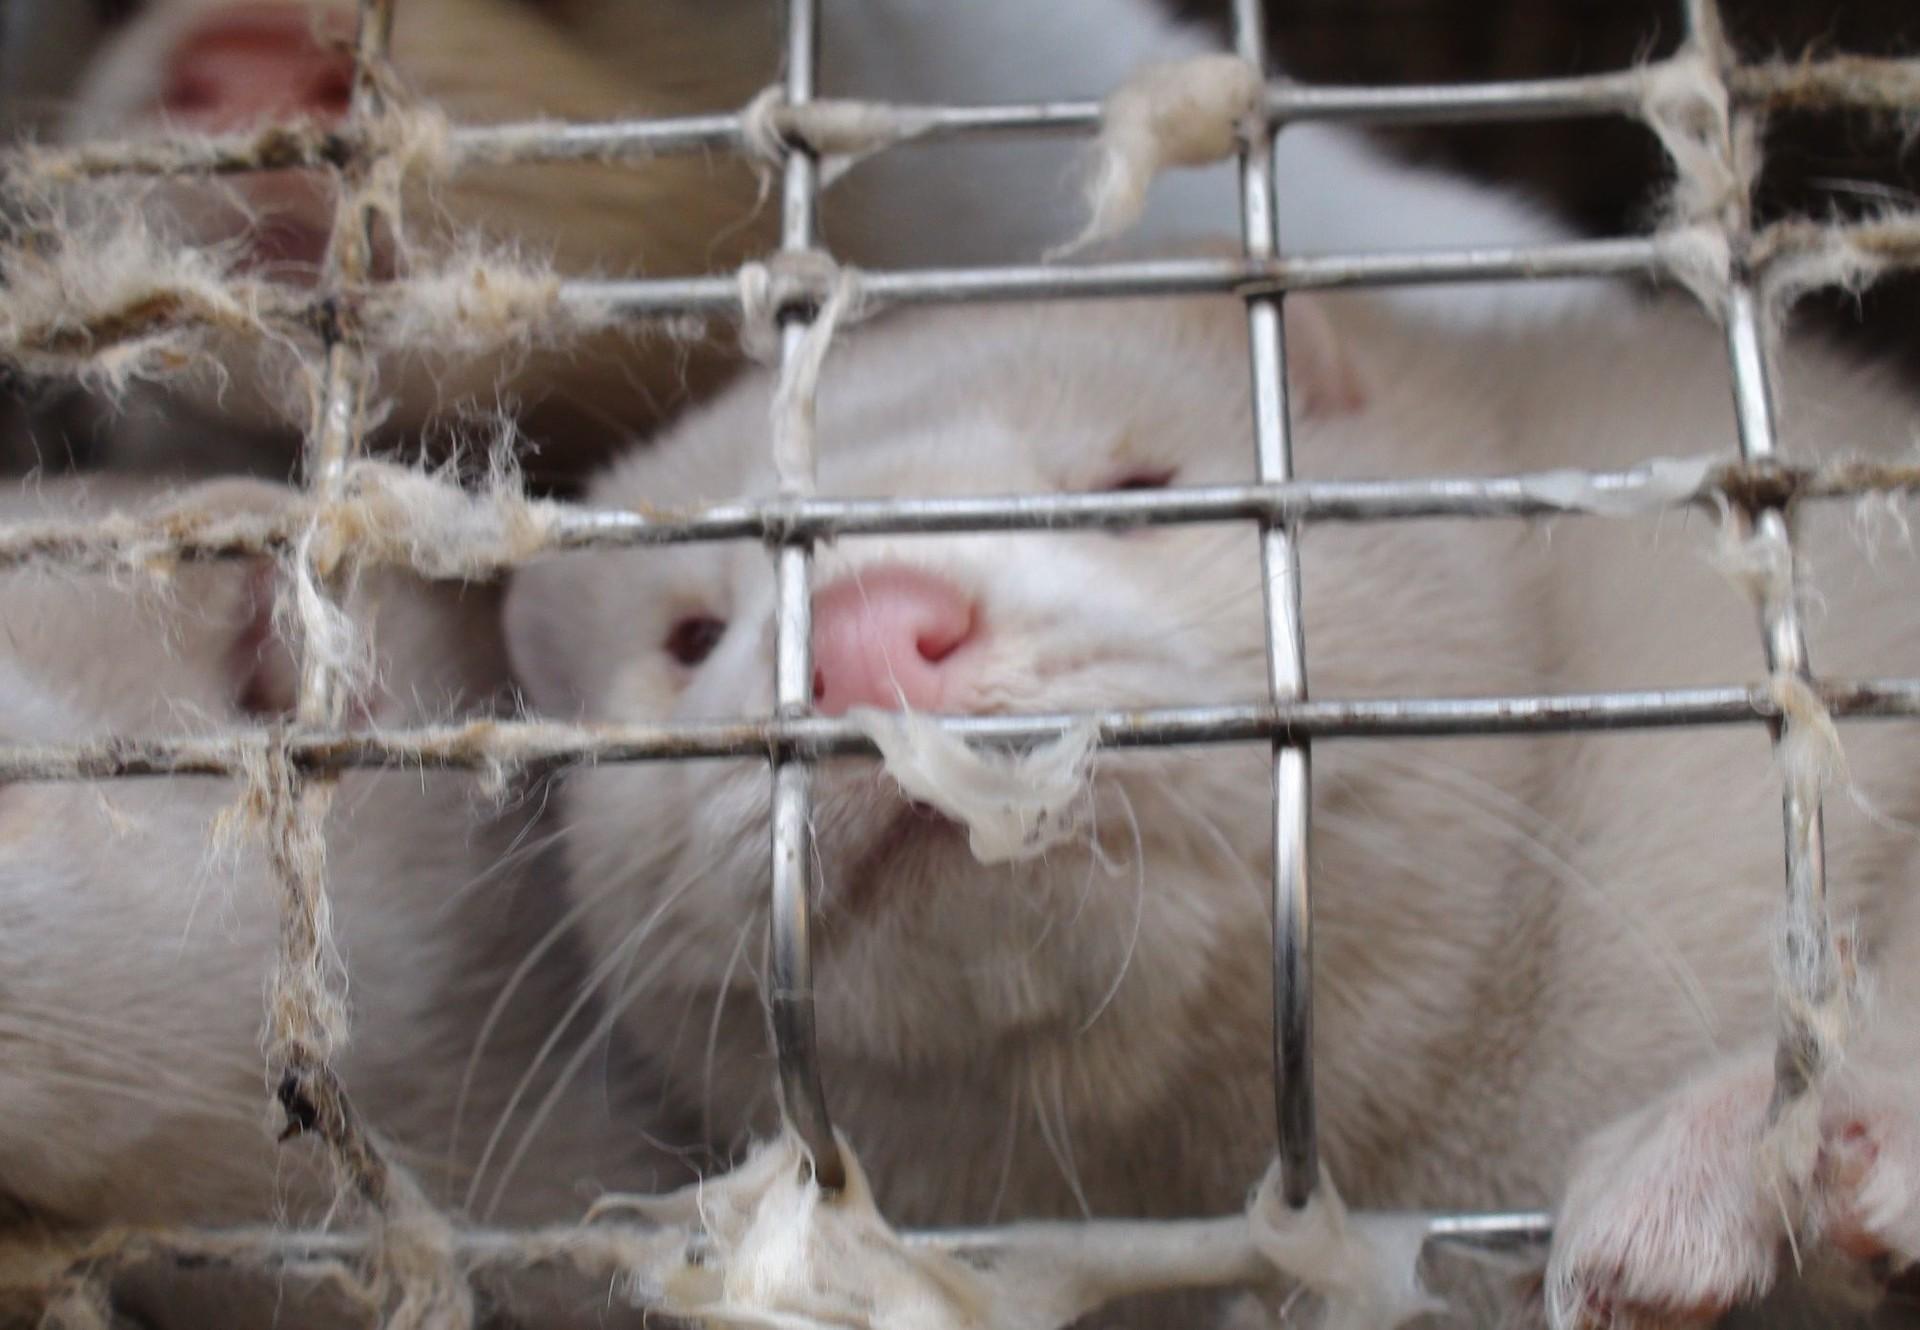 Les visons sont maintenus dans des cages grillagées dans un espace très réduit